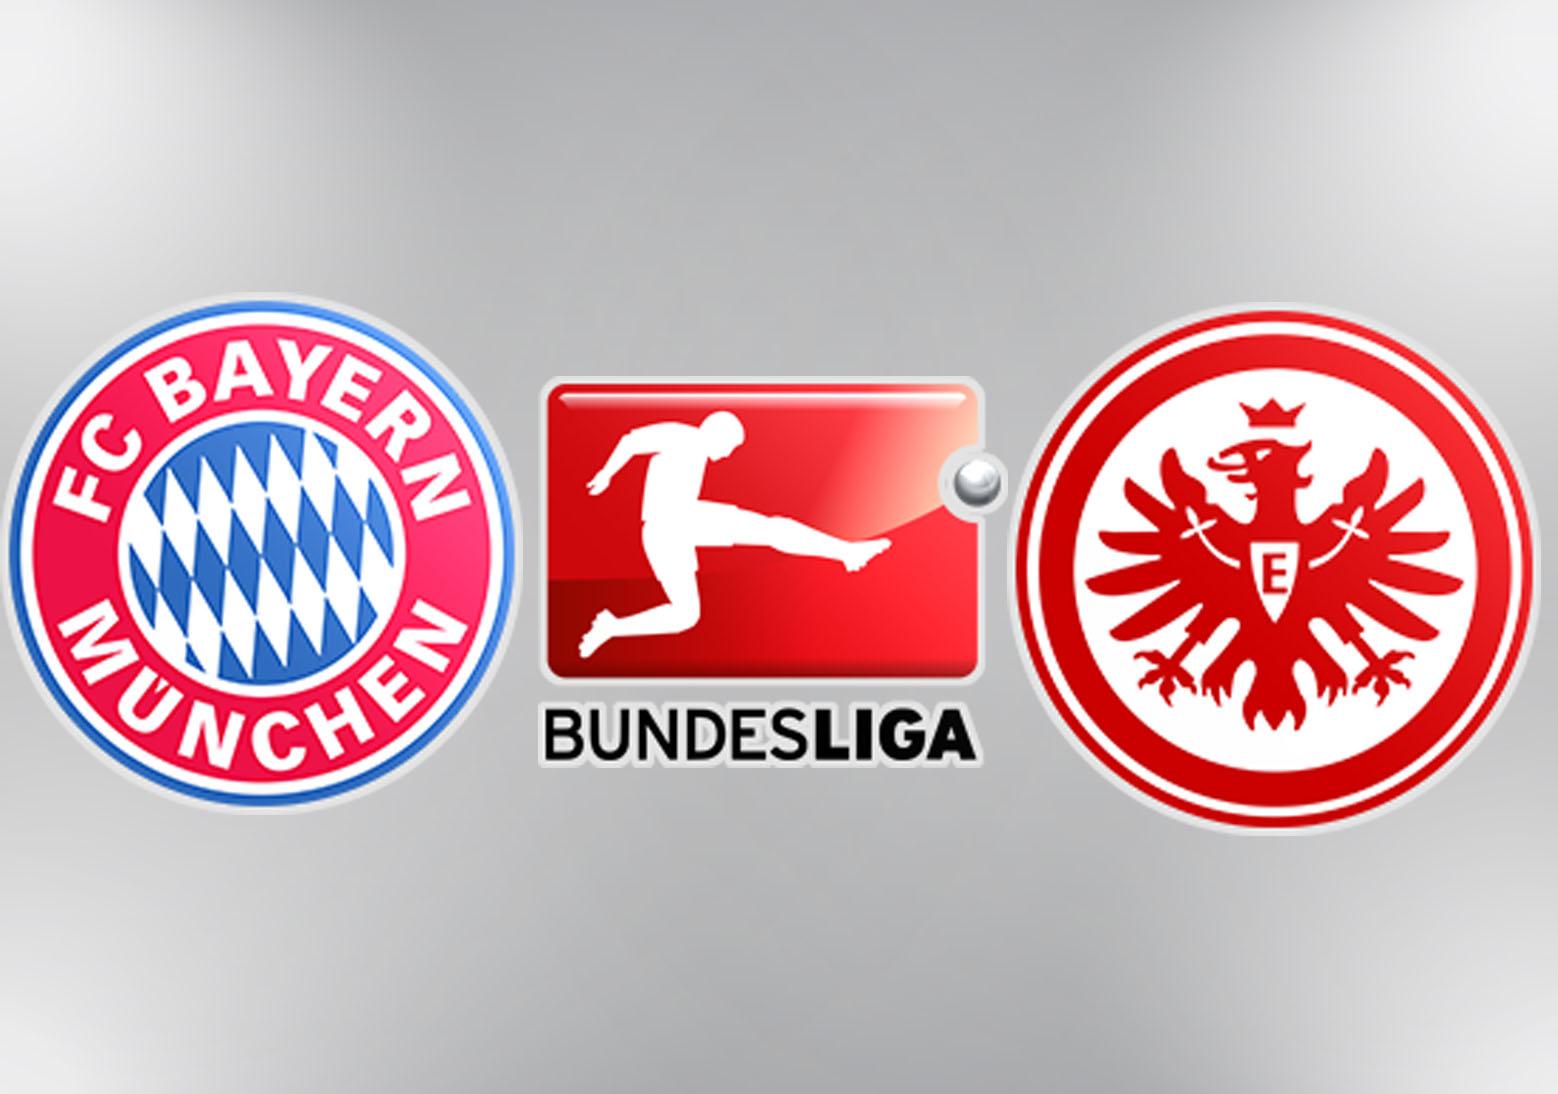 Eintracht Frankfurt vs Bayern Munich